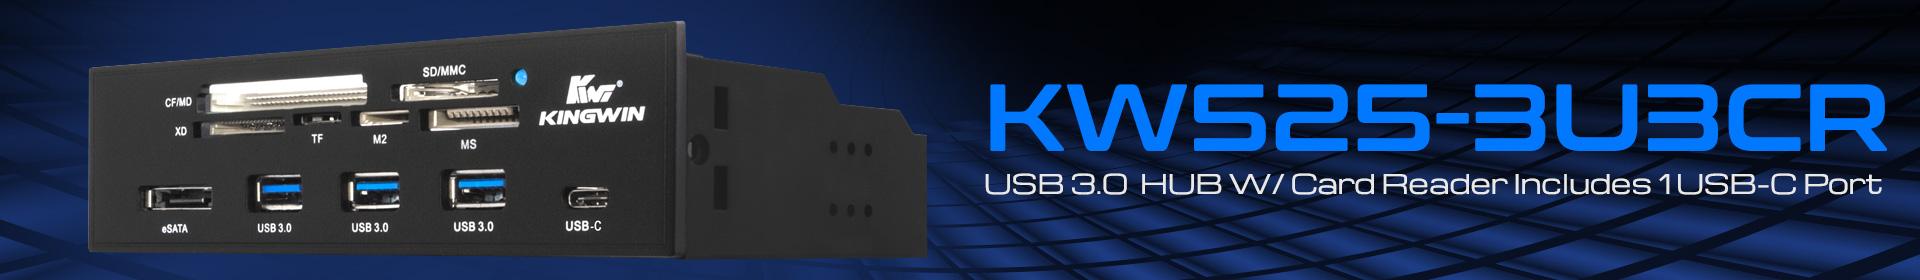 KW525-3U3CR_032318_BANNER